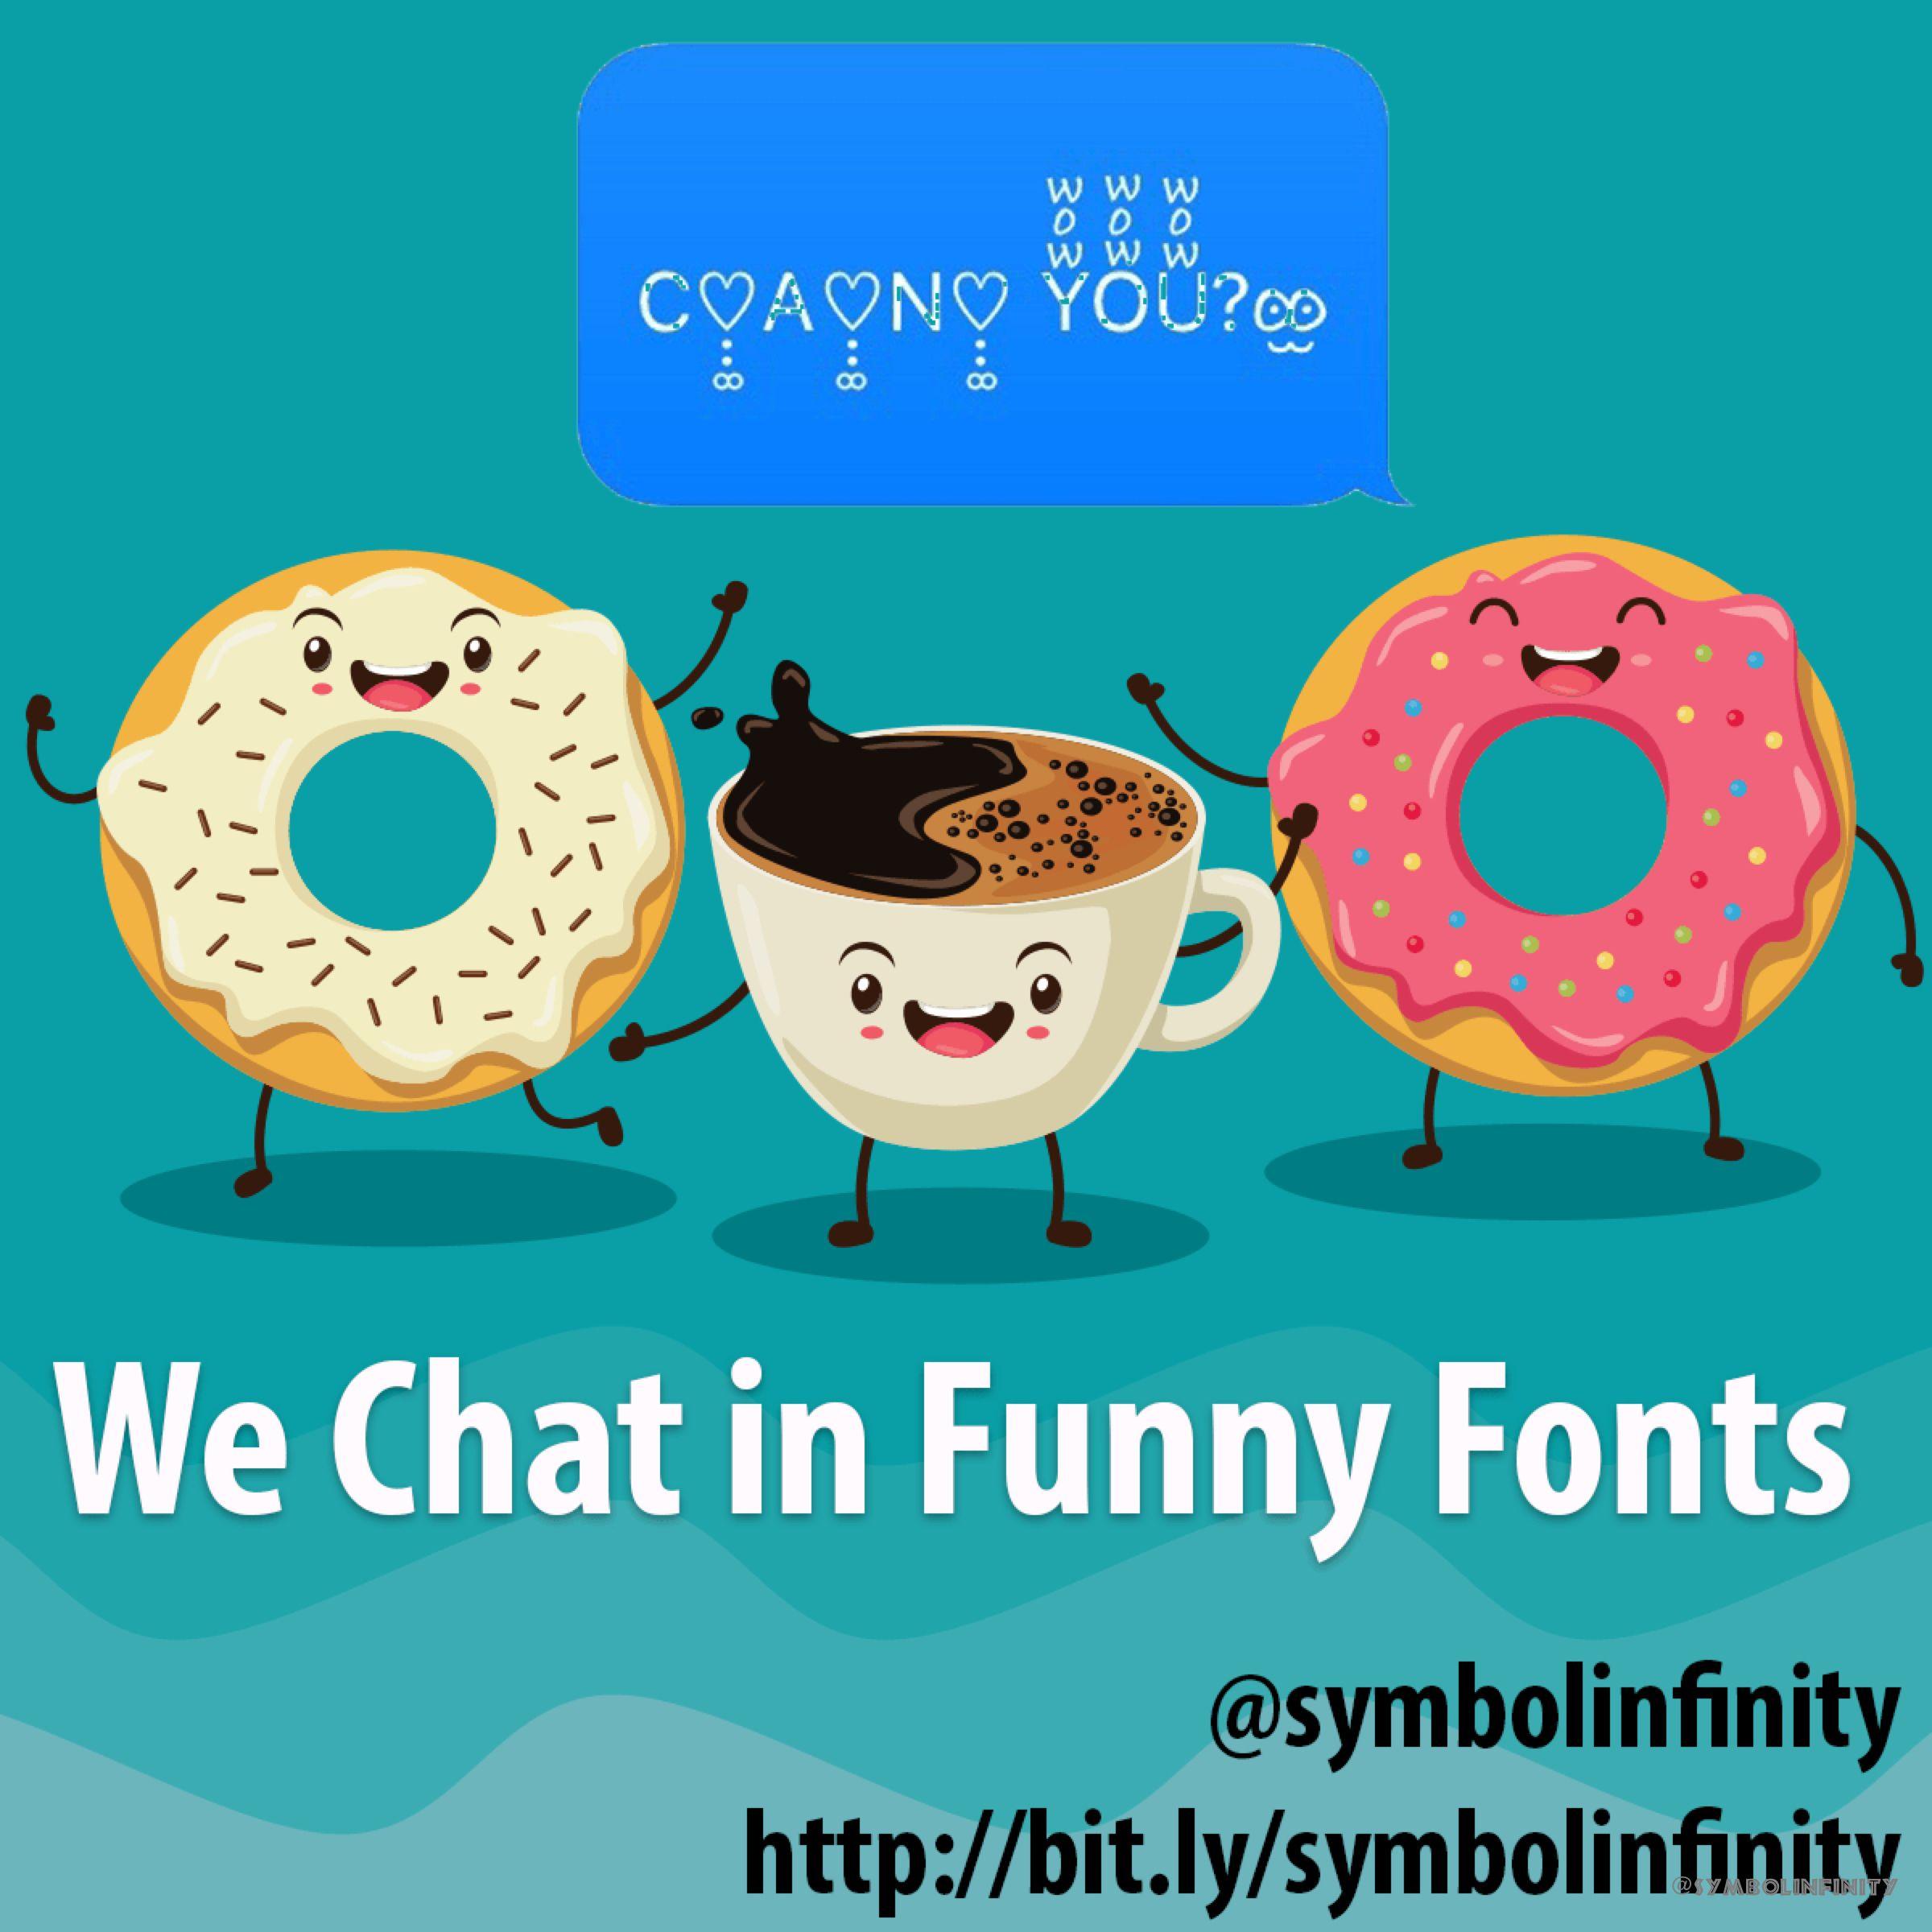 K♚E♚E♚P♚ ¢αℓм A͟N͟D͟ ᑌᔕE ᗪƖFFEᖇEᑎT 🅕🅞🅝🅣 E҉V҉E҉R҉Y҉D҉A҉Y҉ N∞O∞W∞! C∞̆̈O∞̆̈O∞̆̈L∞̆̈!  Get it at http://bit.ly/symbolinfinity